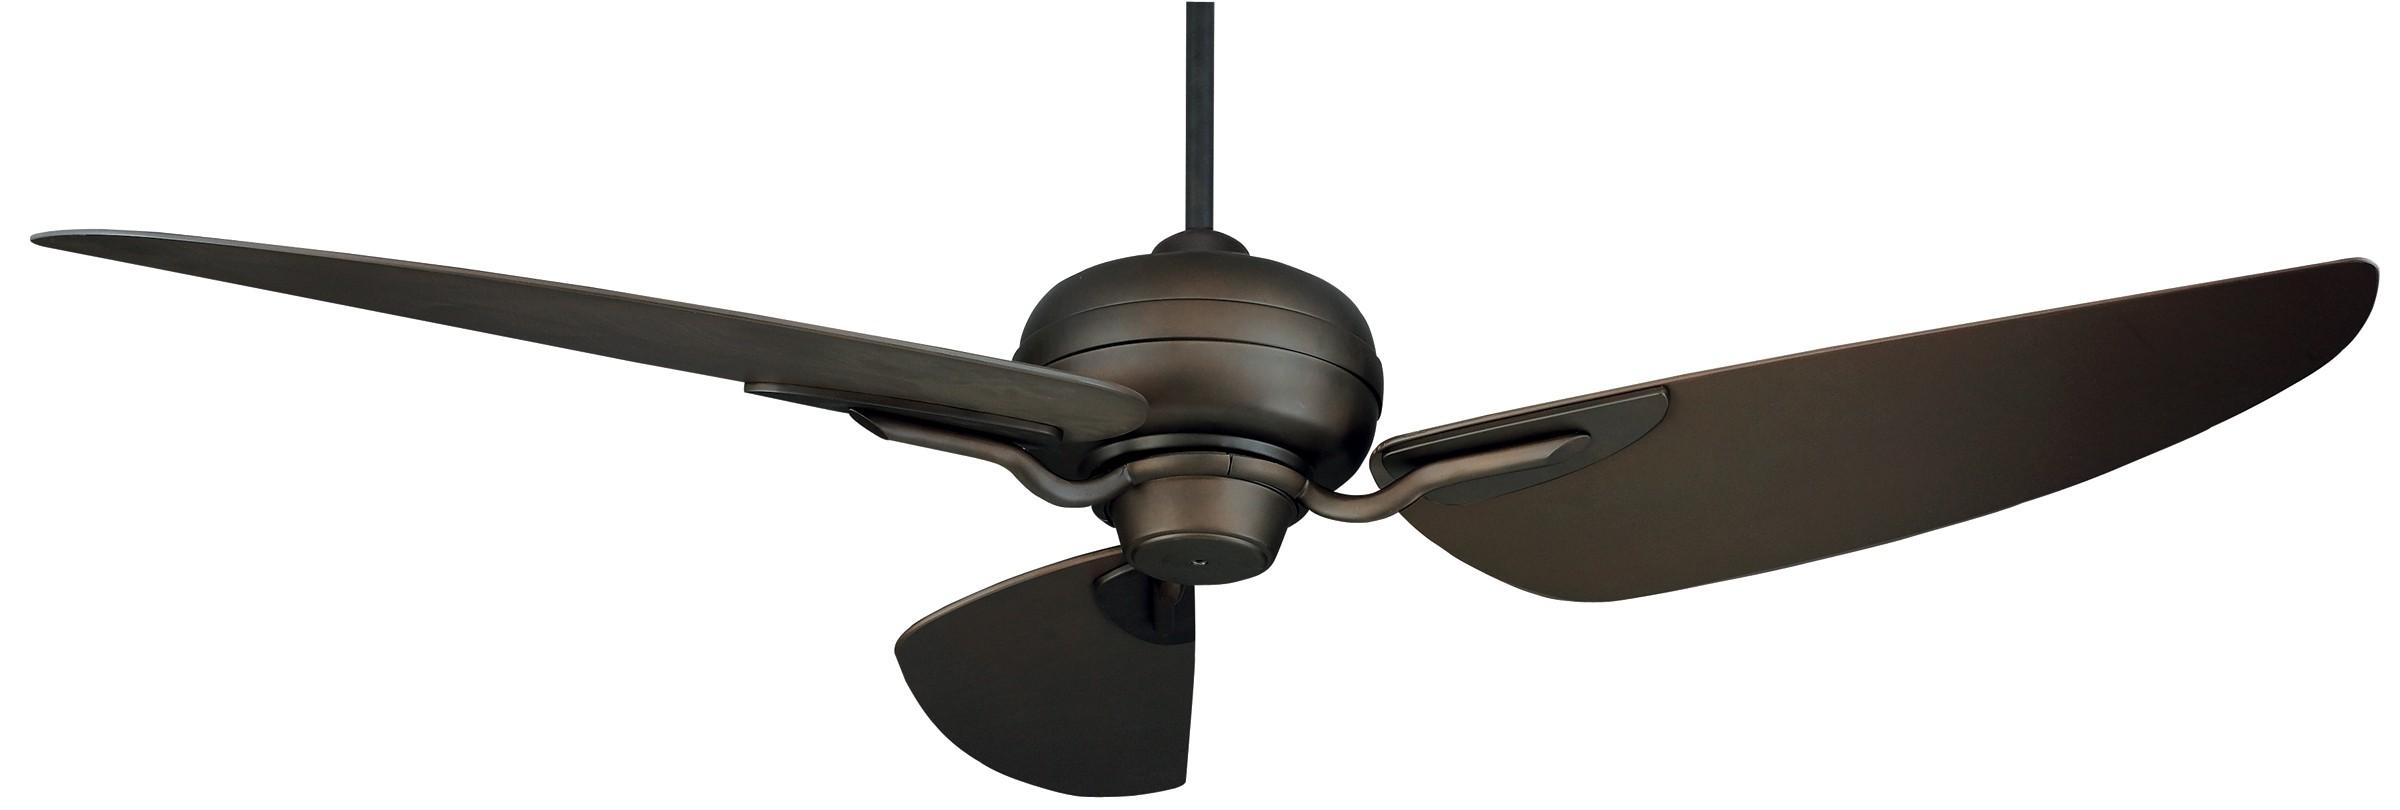 Bimini Contemporary Fan 60 Inch Oil Rubbed Bronze